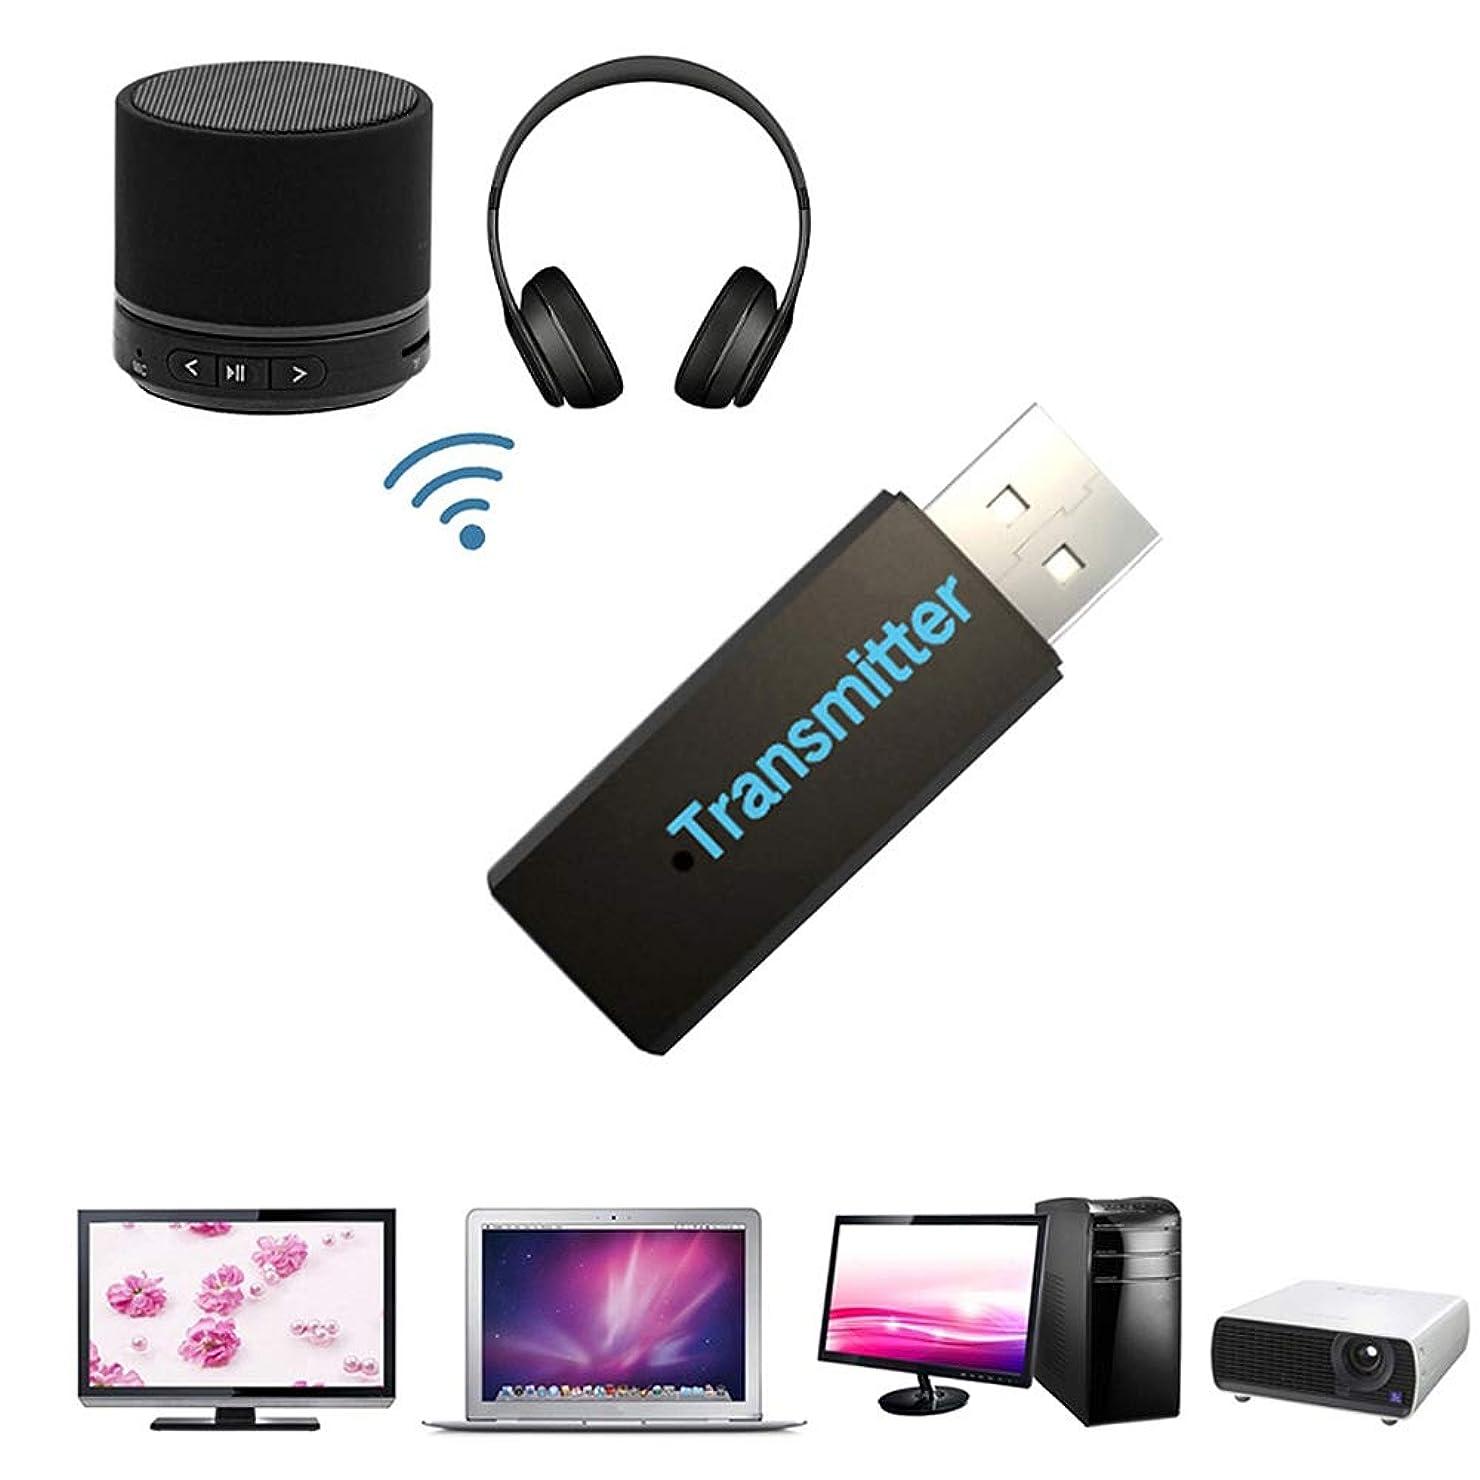 やめる前置詞コストDC ワイヤレス3.5 mm ワイヤレストランスミッタ センダトランスミッタ アダプタ 受信機 USB式